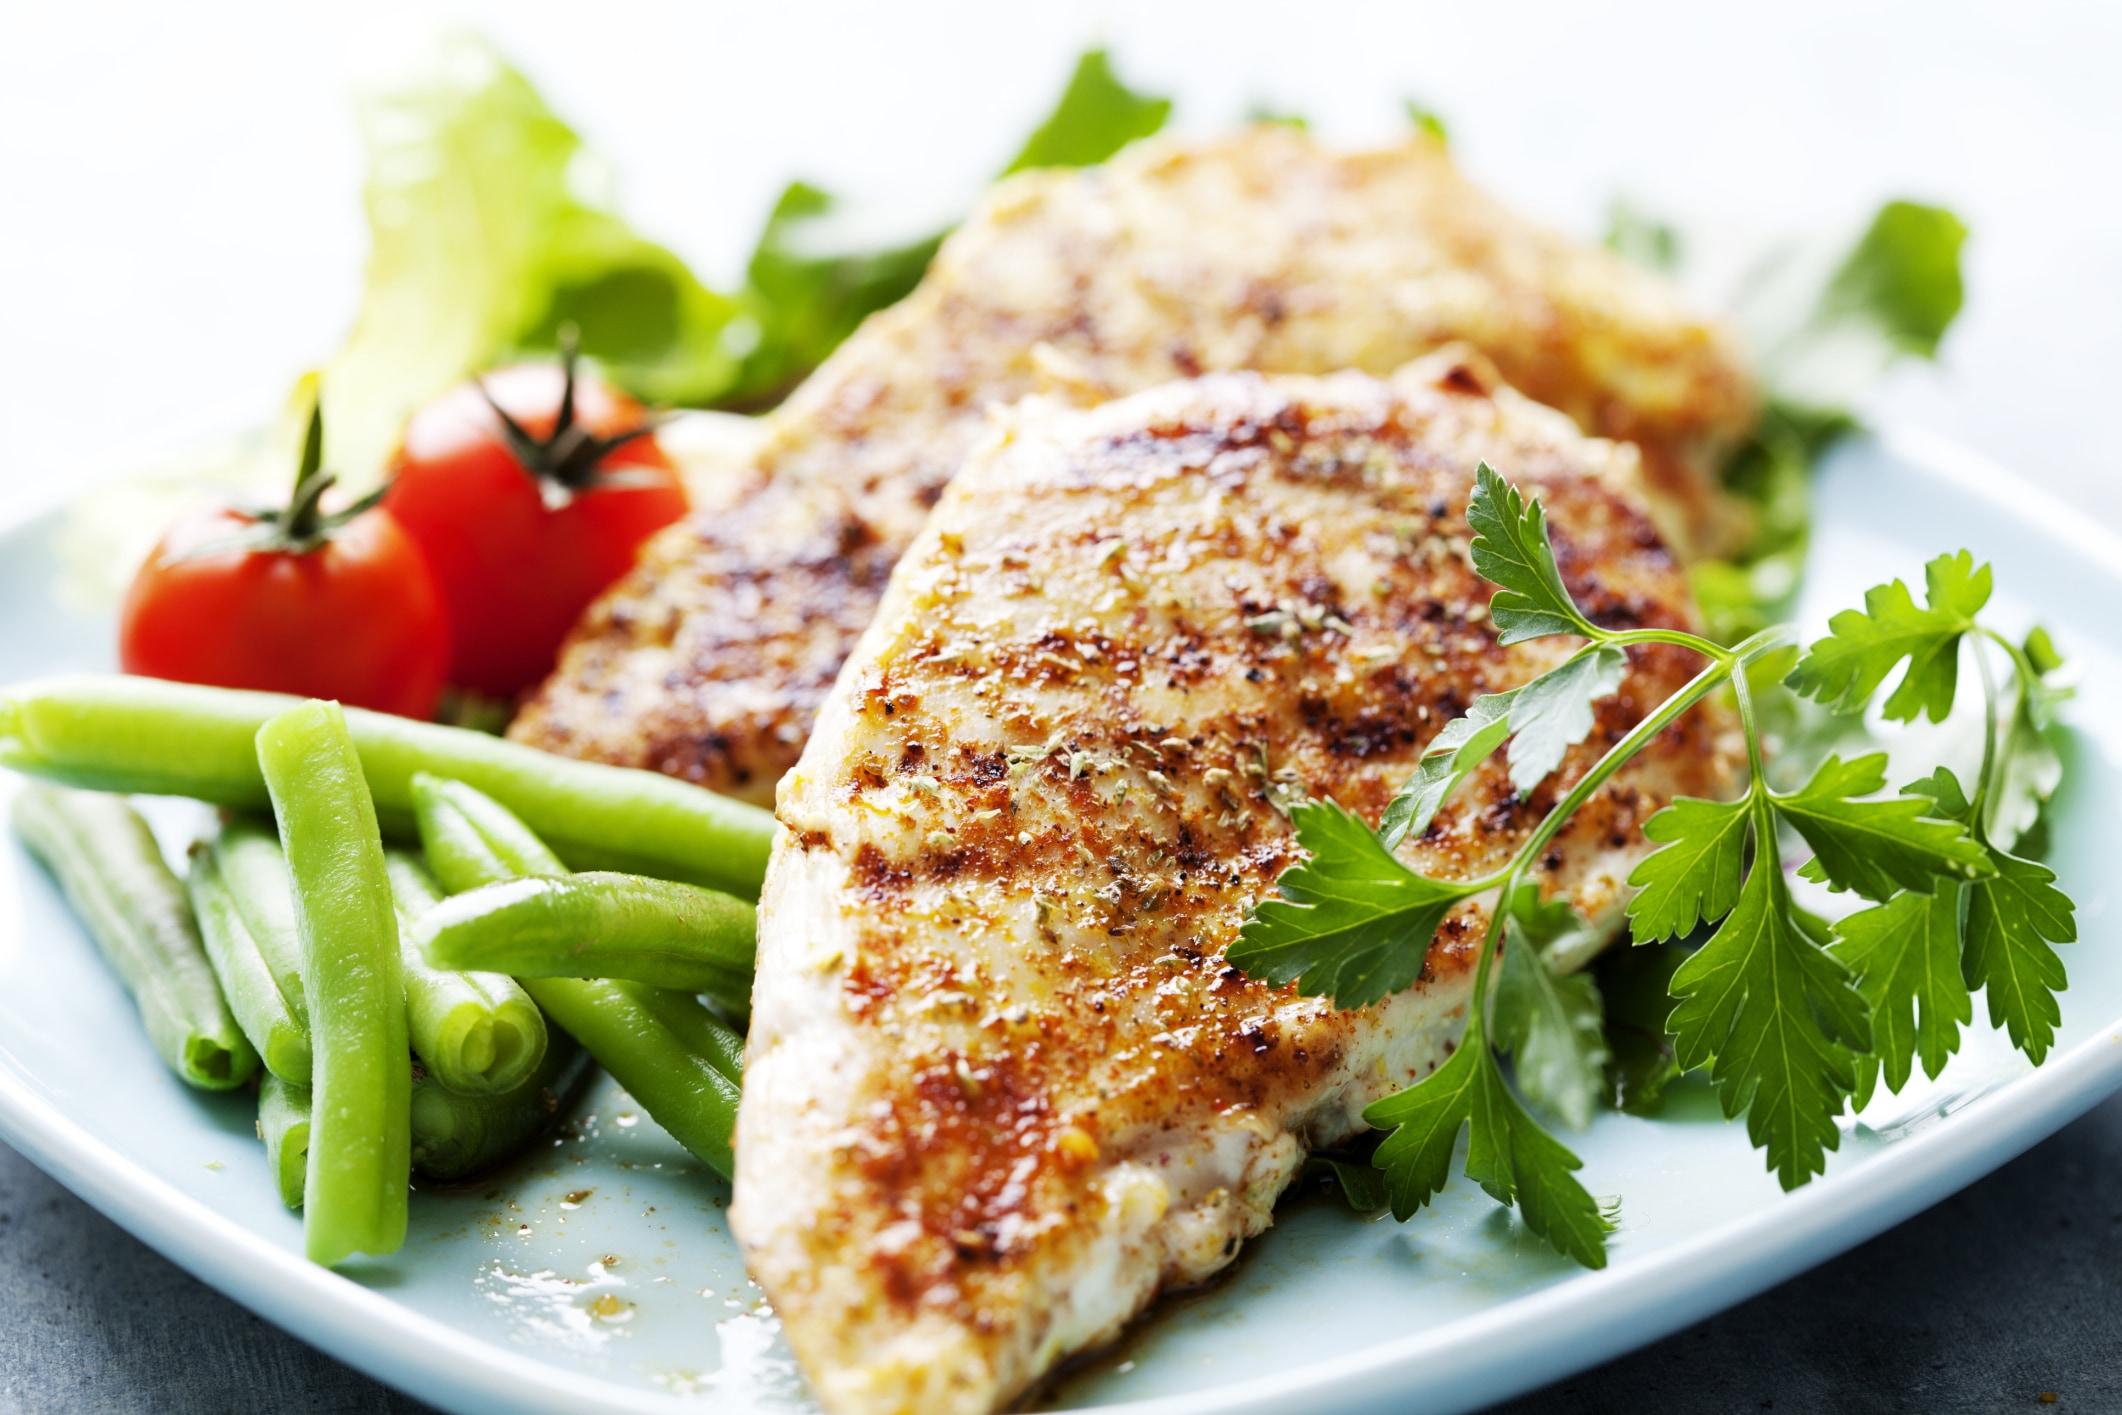 Képtelen vagy lefogyni? Lehet, hogy nem jó diétával próbálkozol! | abisa.hu